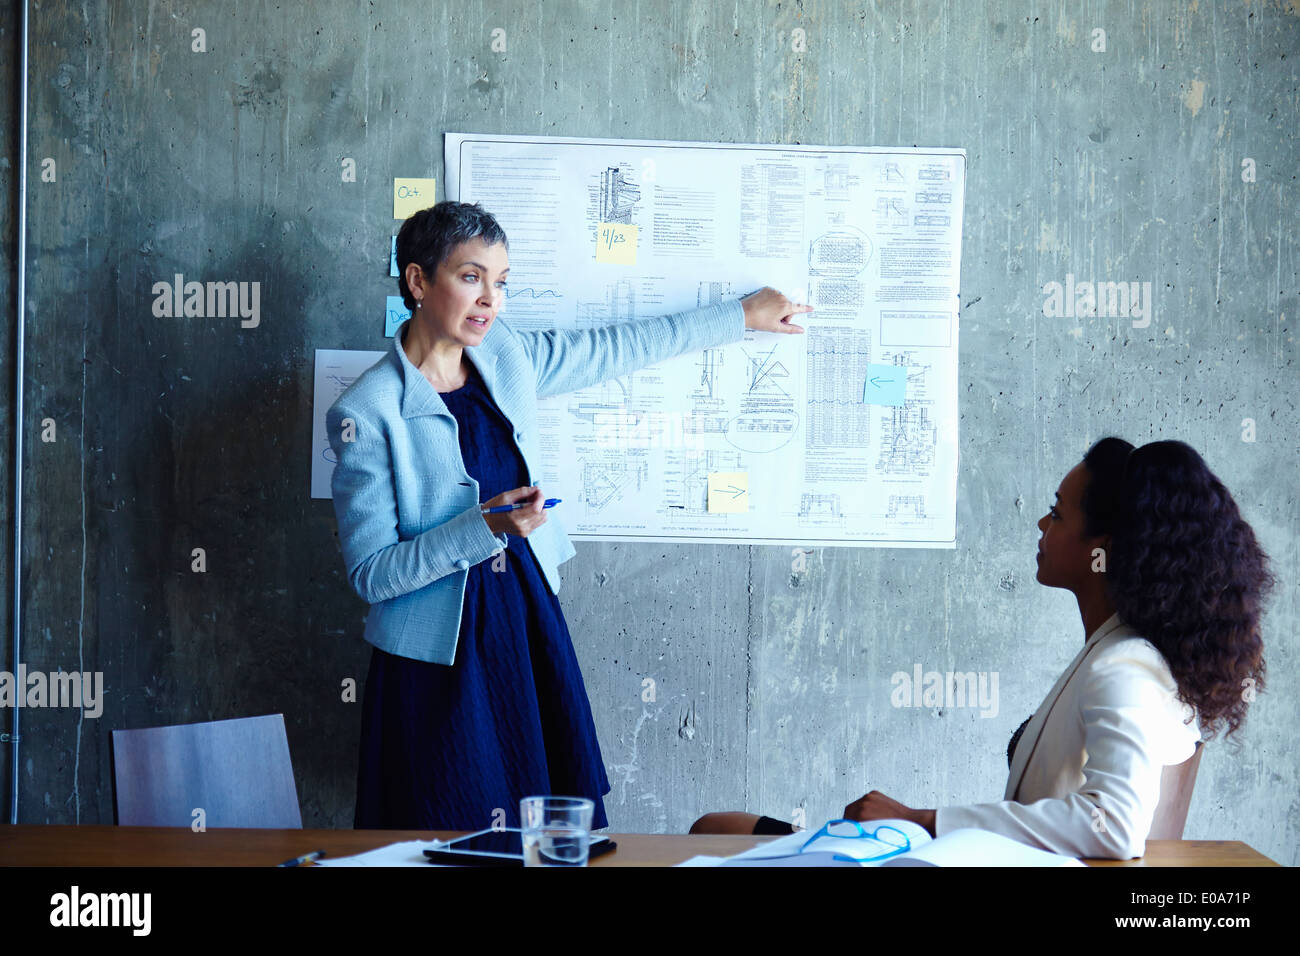 Coppia imprenditrici presentare idee alla riunione Immagini Stock